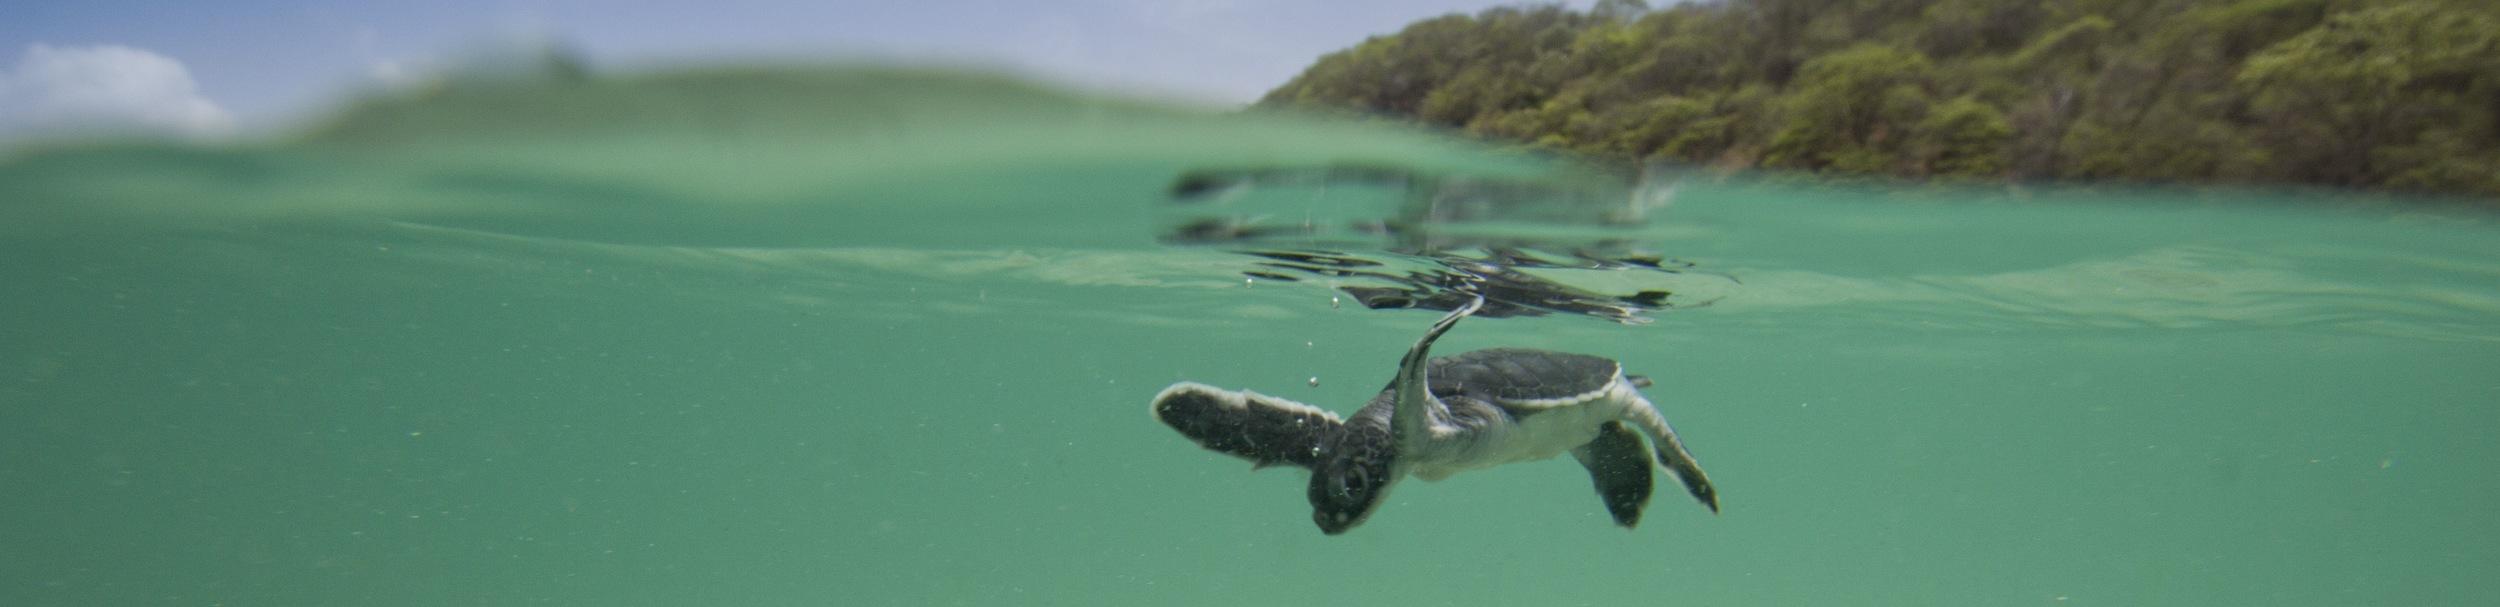 Green turtle hatchling in Nicaragua (credit Hal Brindley)